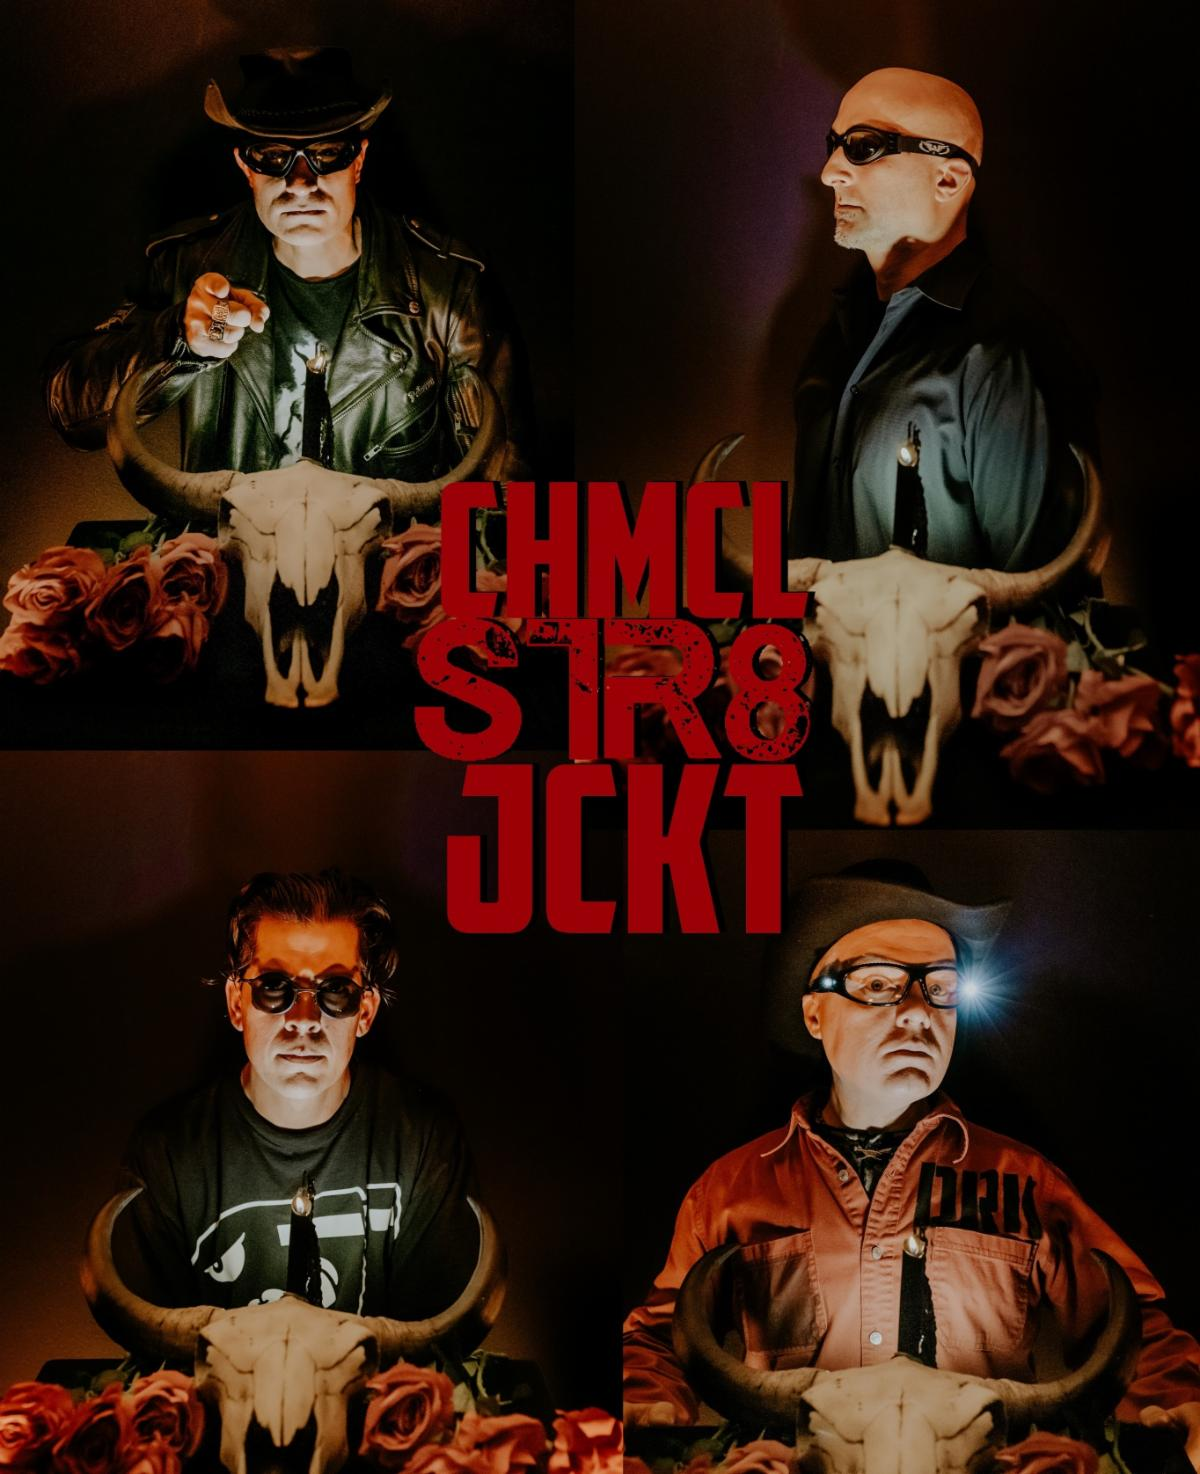 CHMCL STR8JCKT